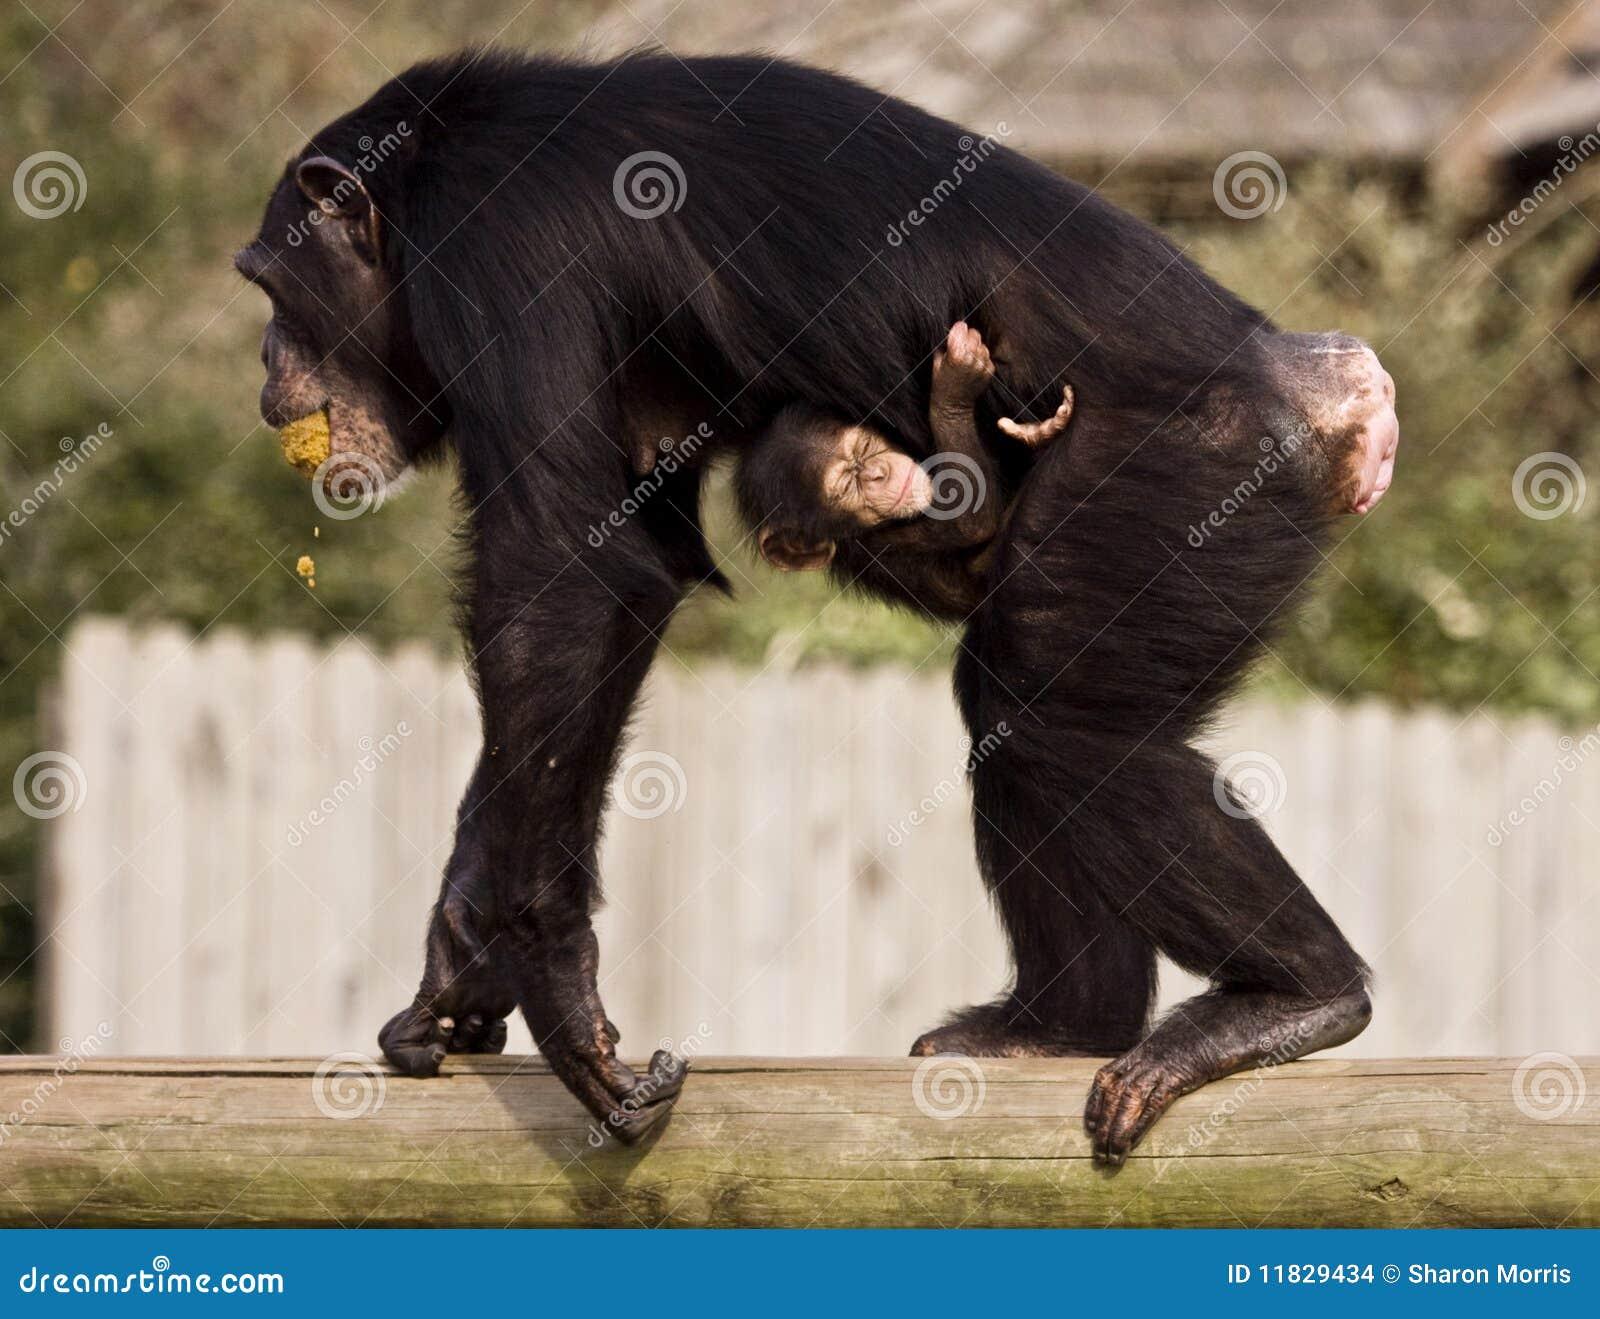 Dziecko szympans